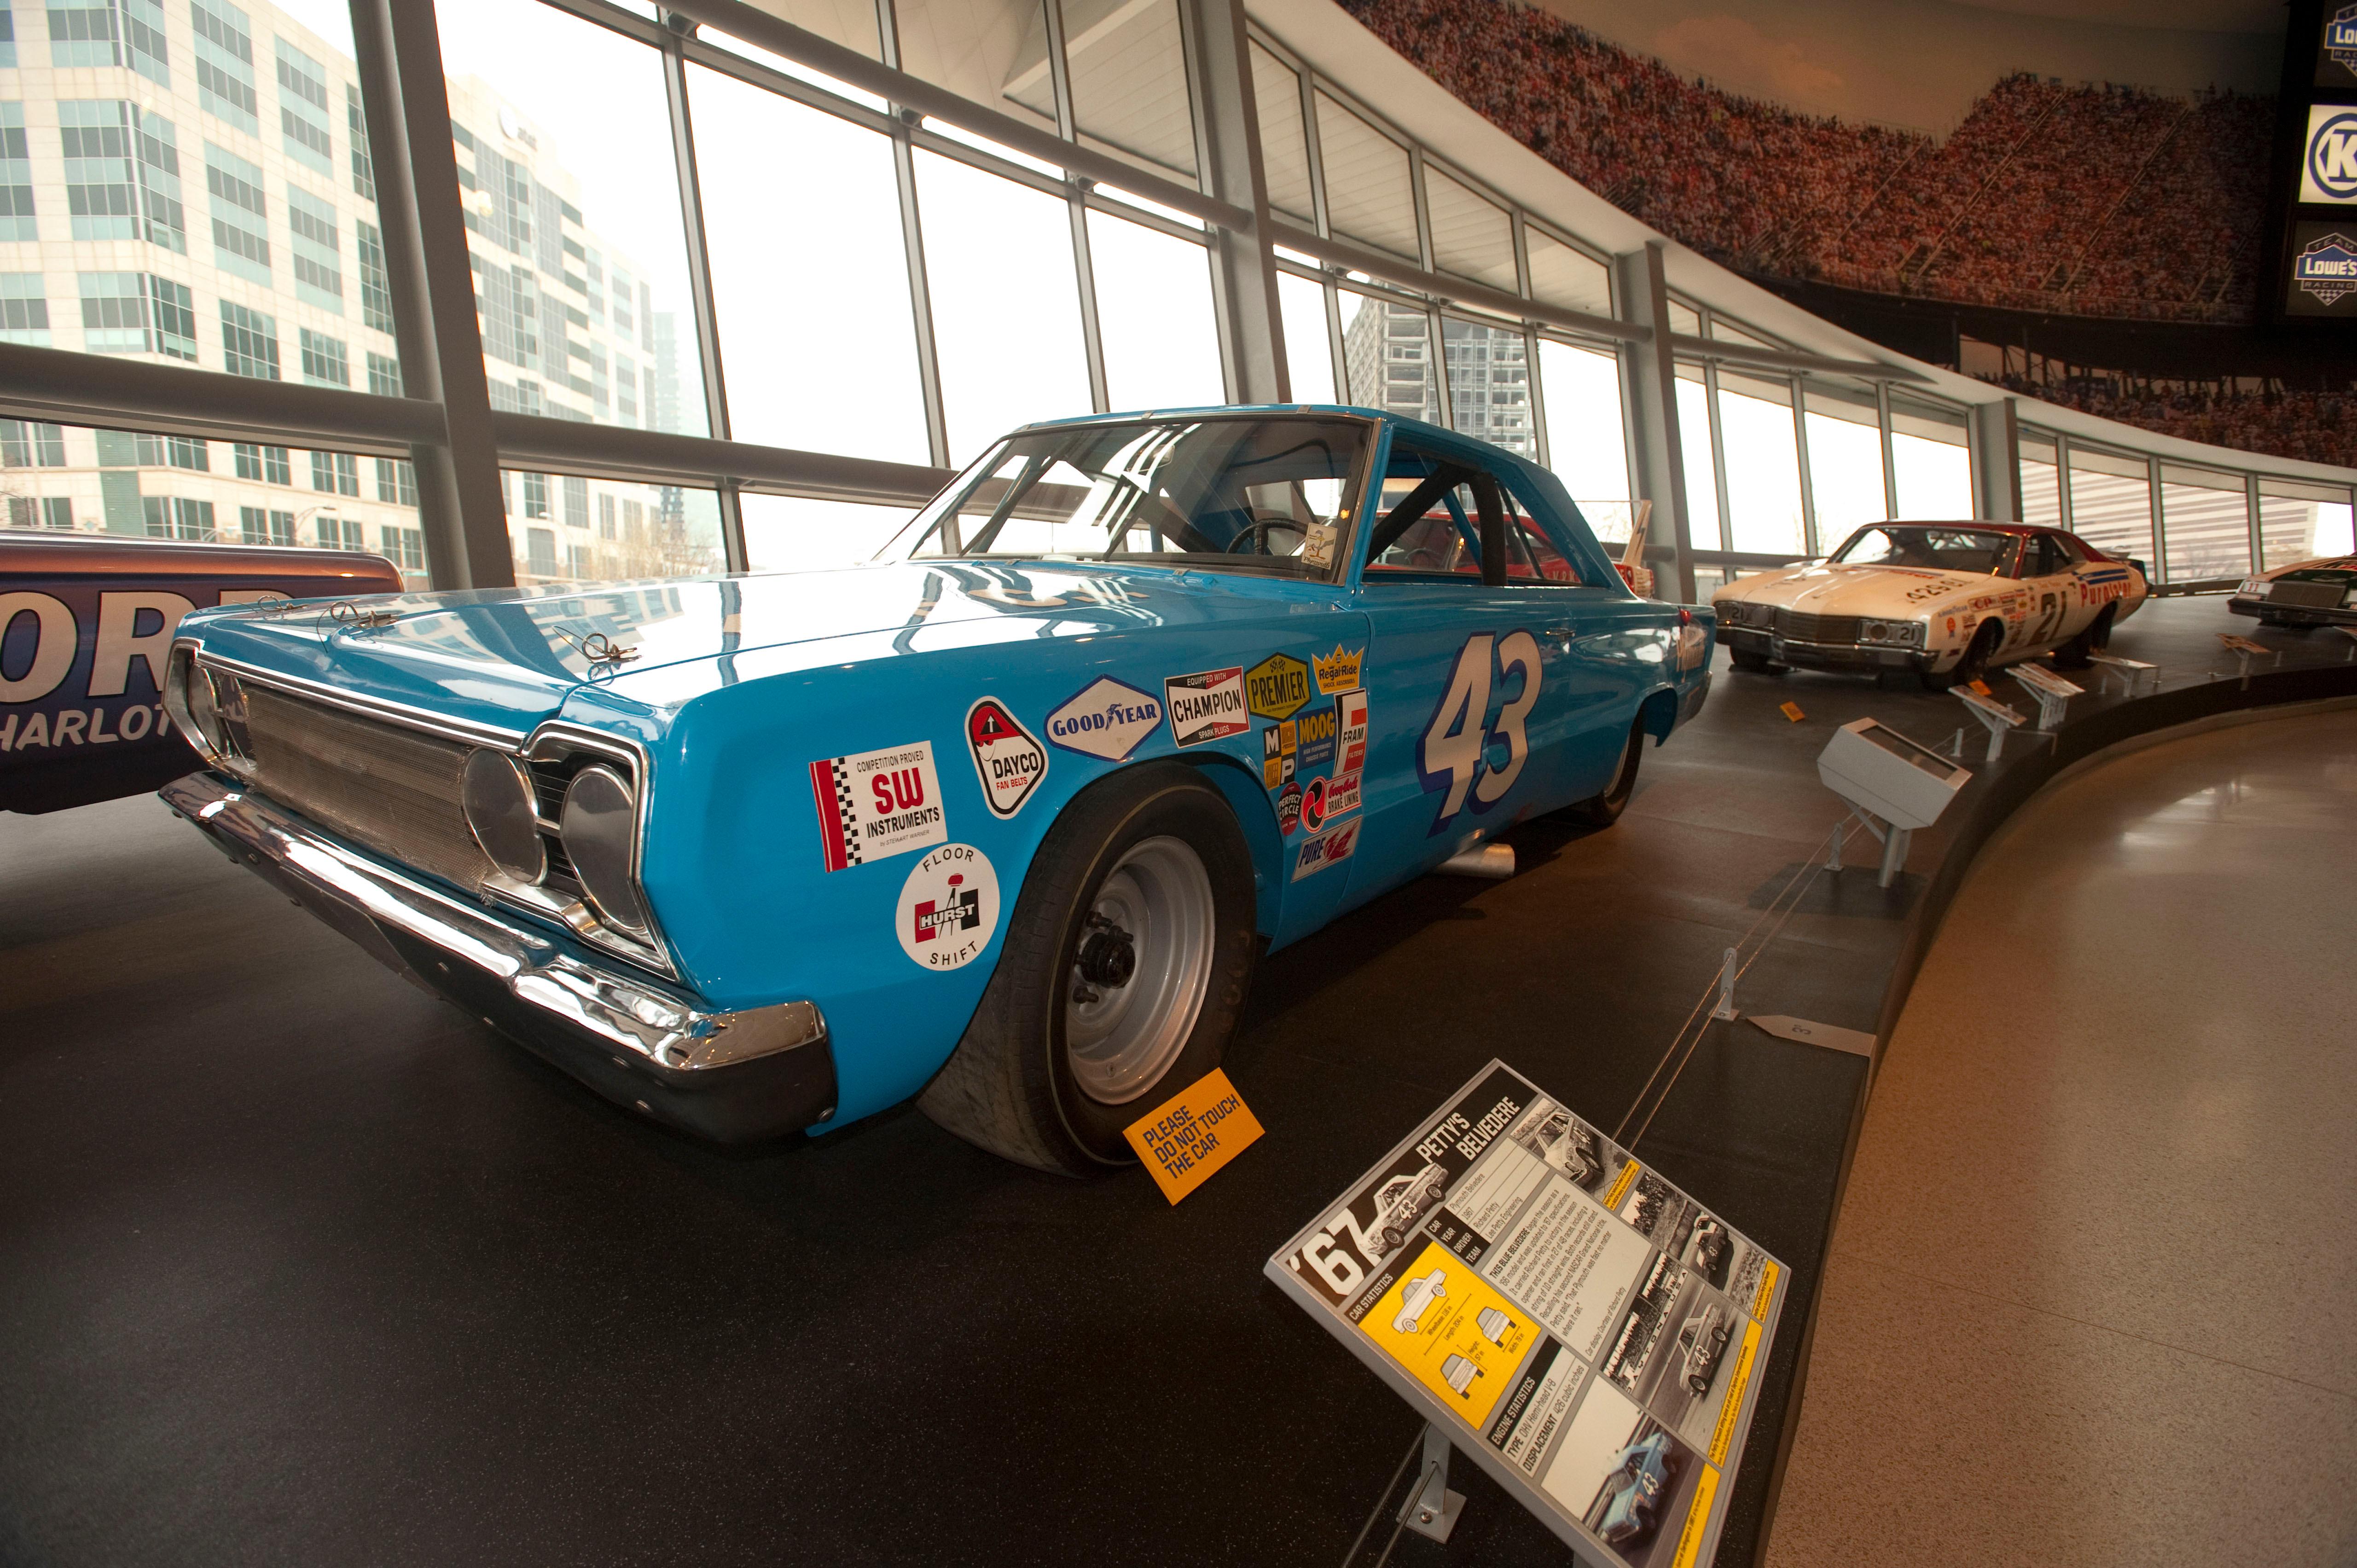 NASCAR Hall of Fame Car Inside